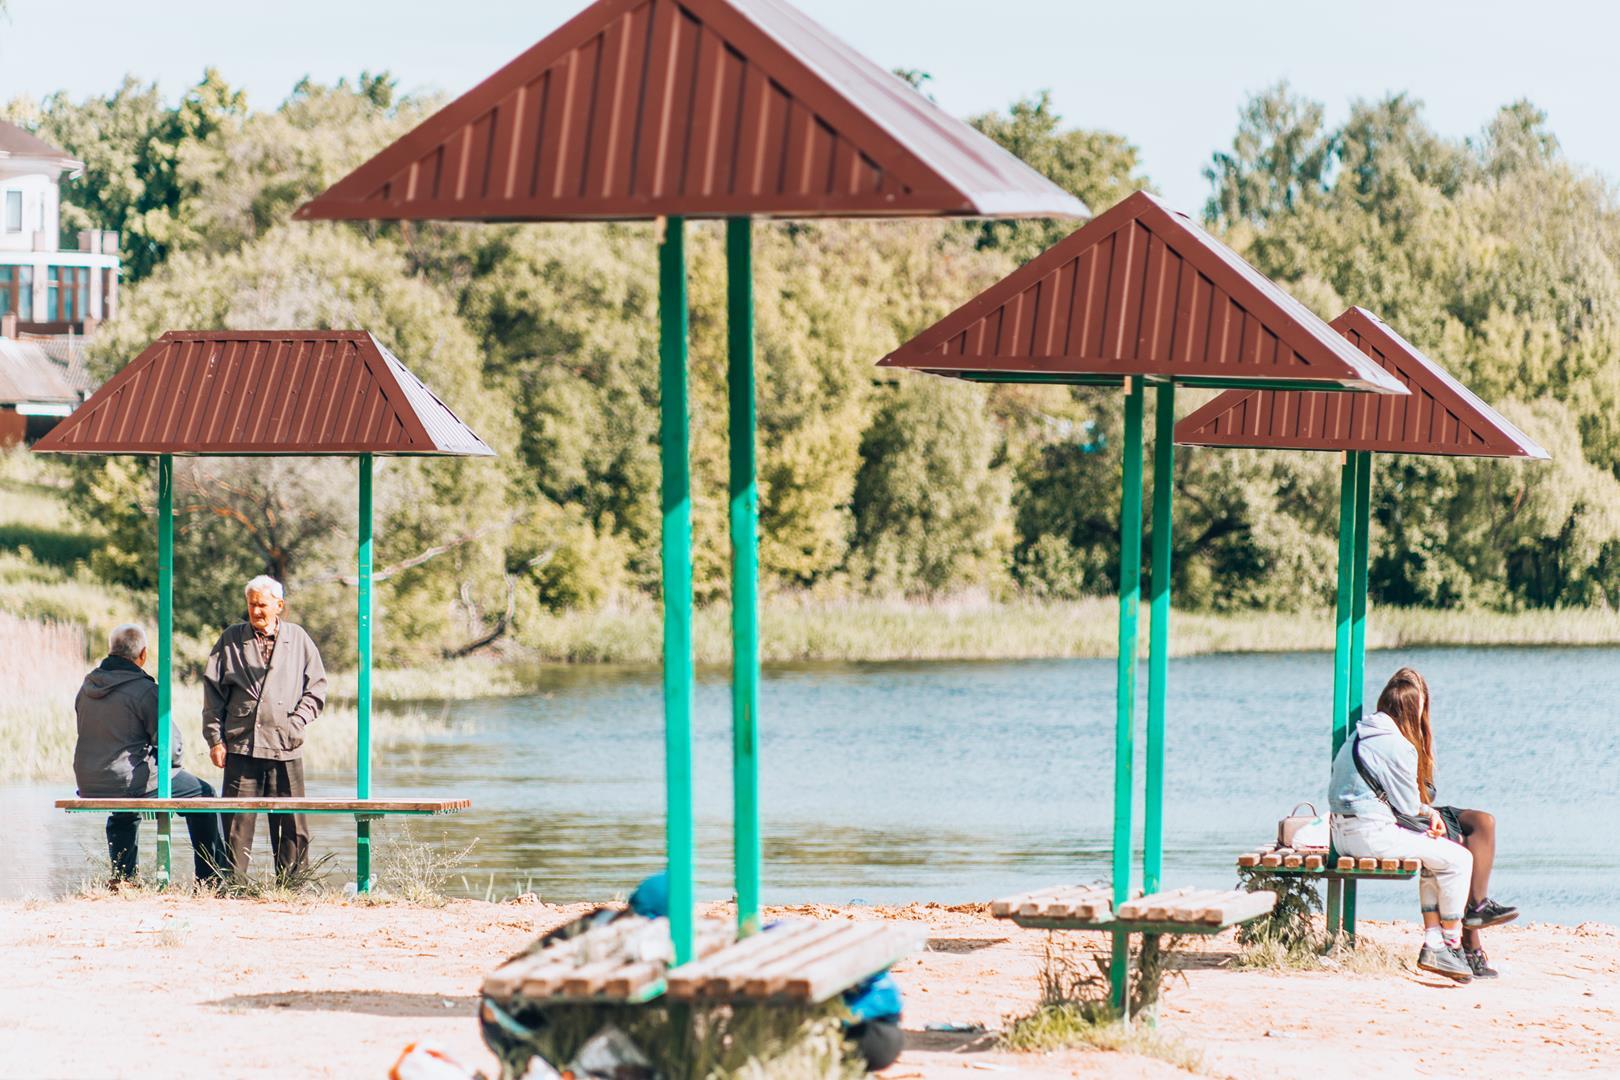 Фотообзор пляжей, которые доступны жителям Клинцов. Три самых близких варианта для отдыха